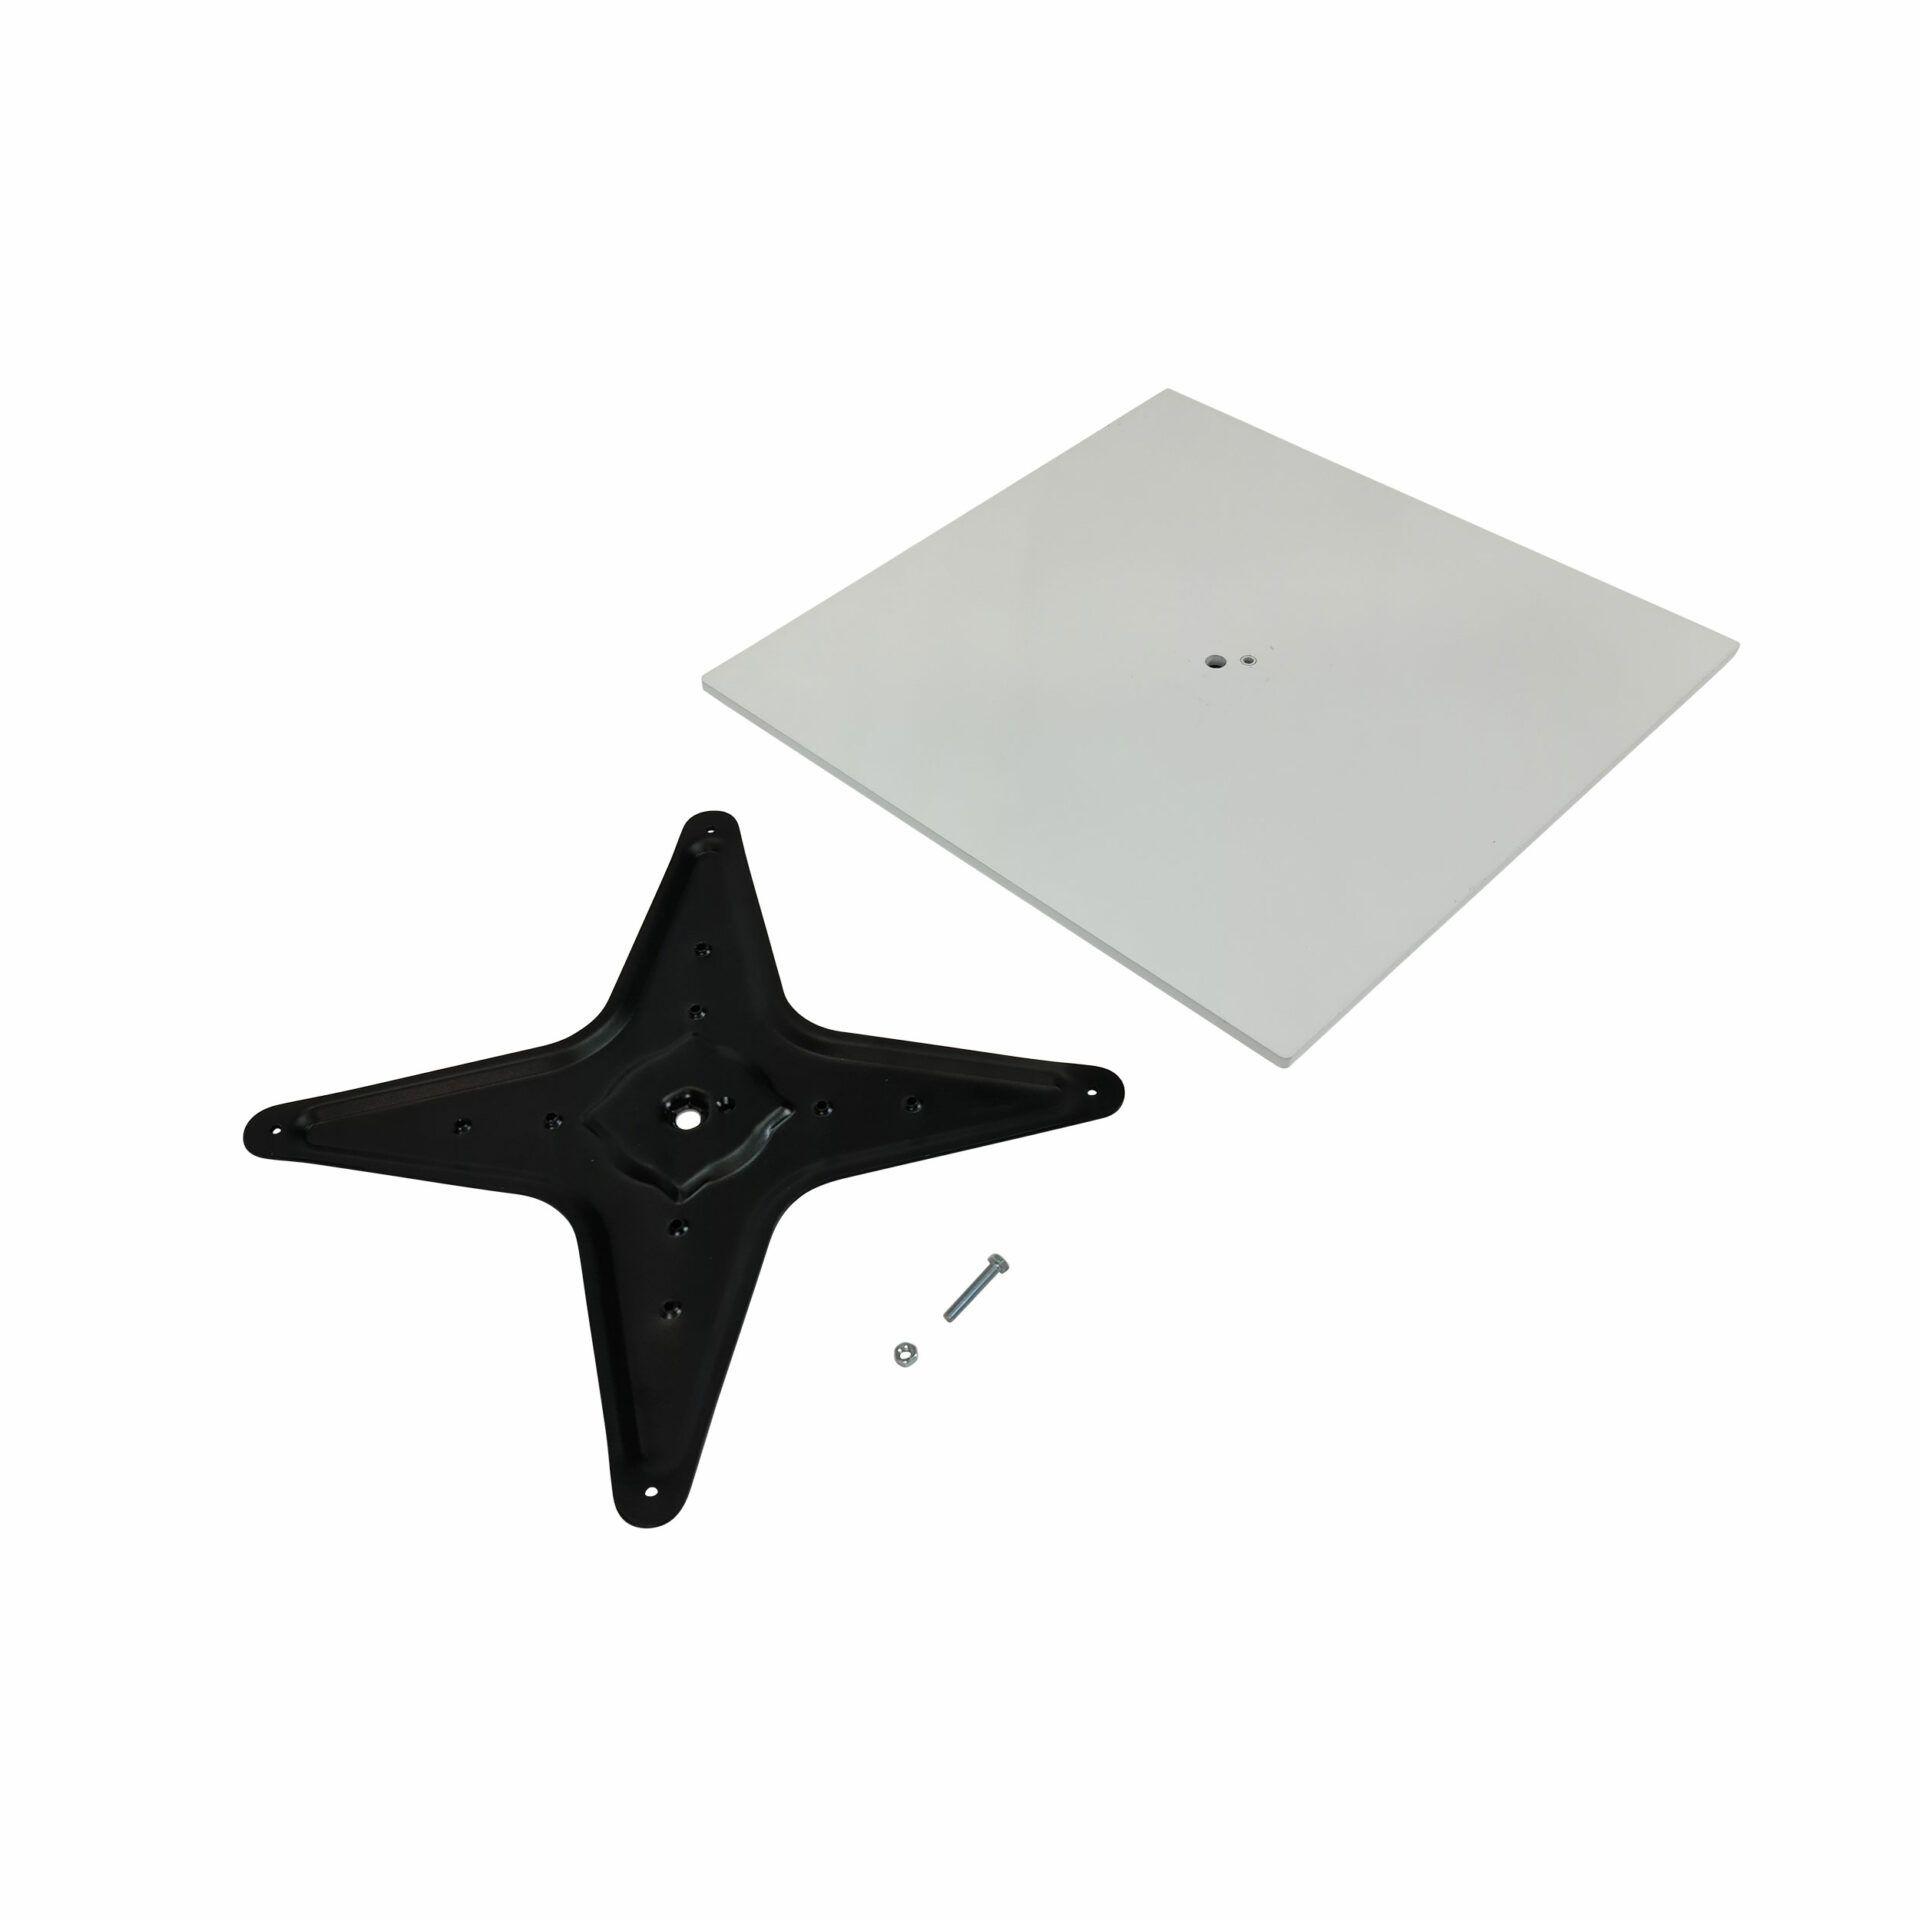 calais table base white.parts 1